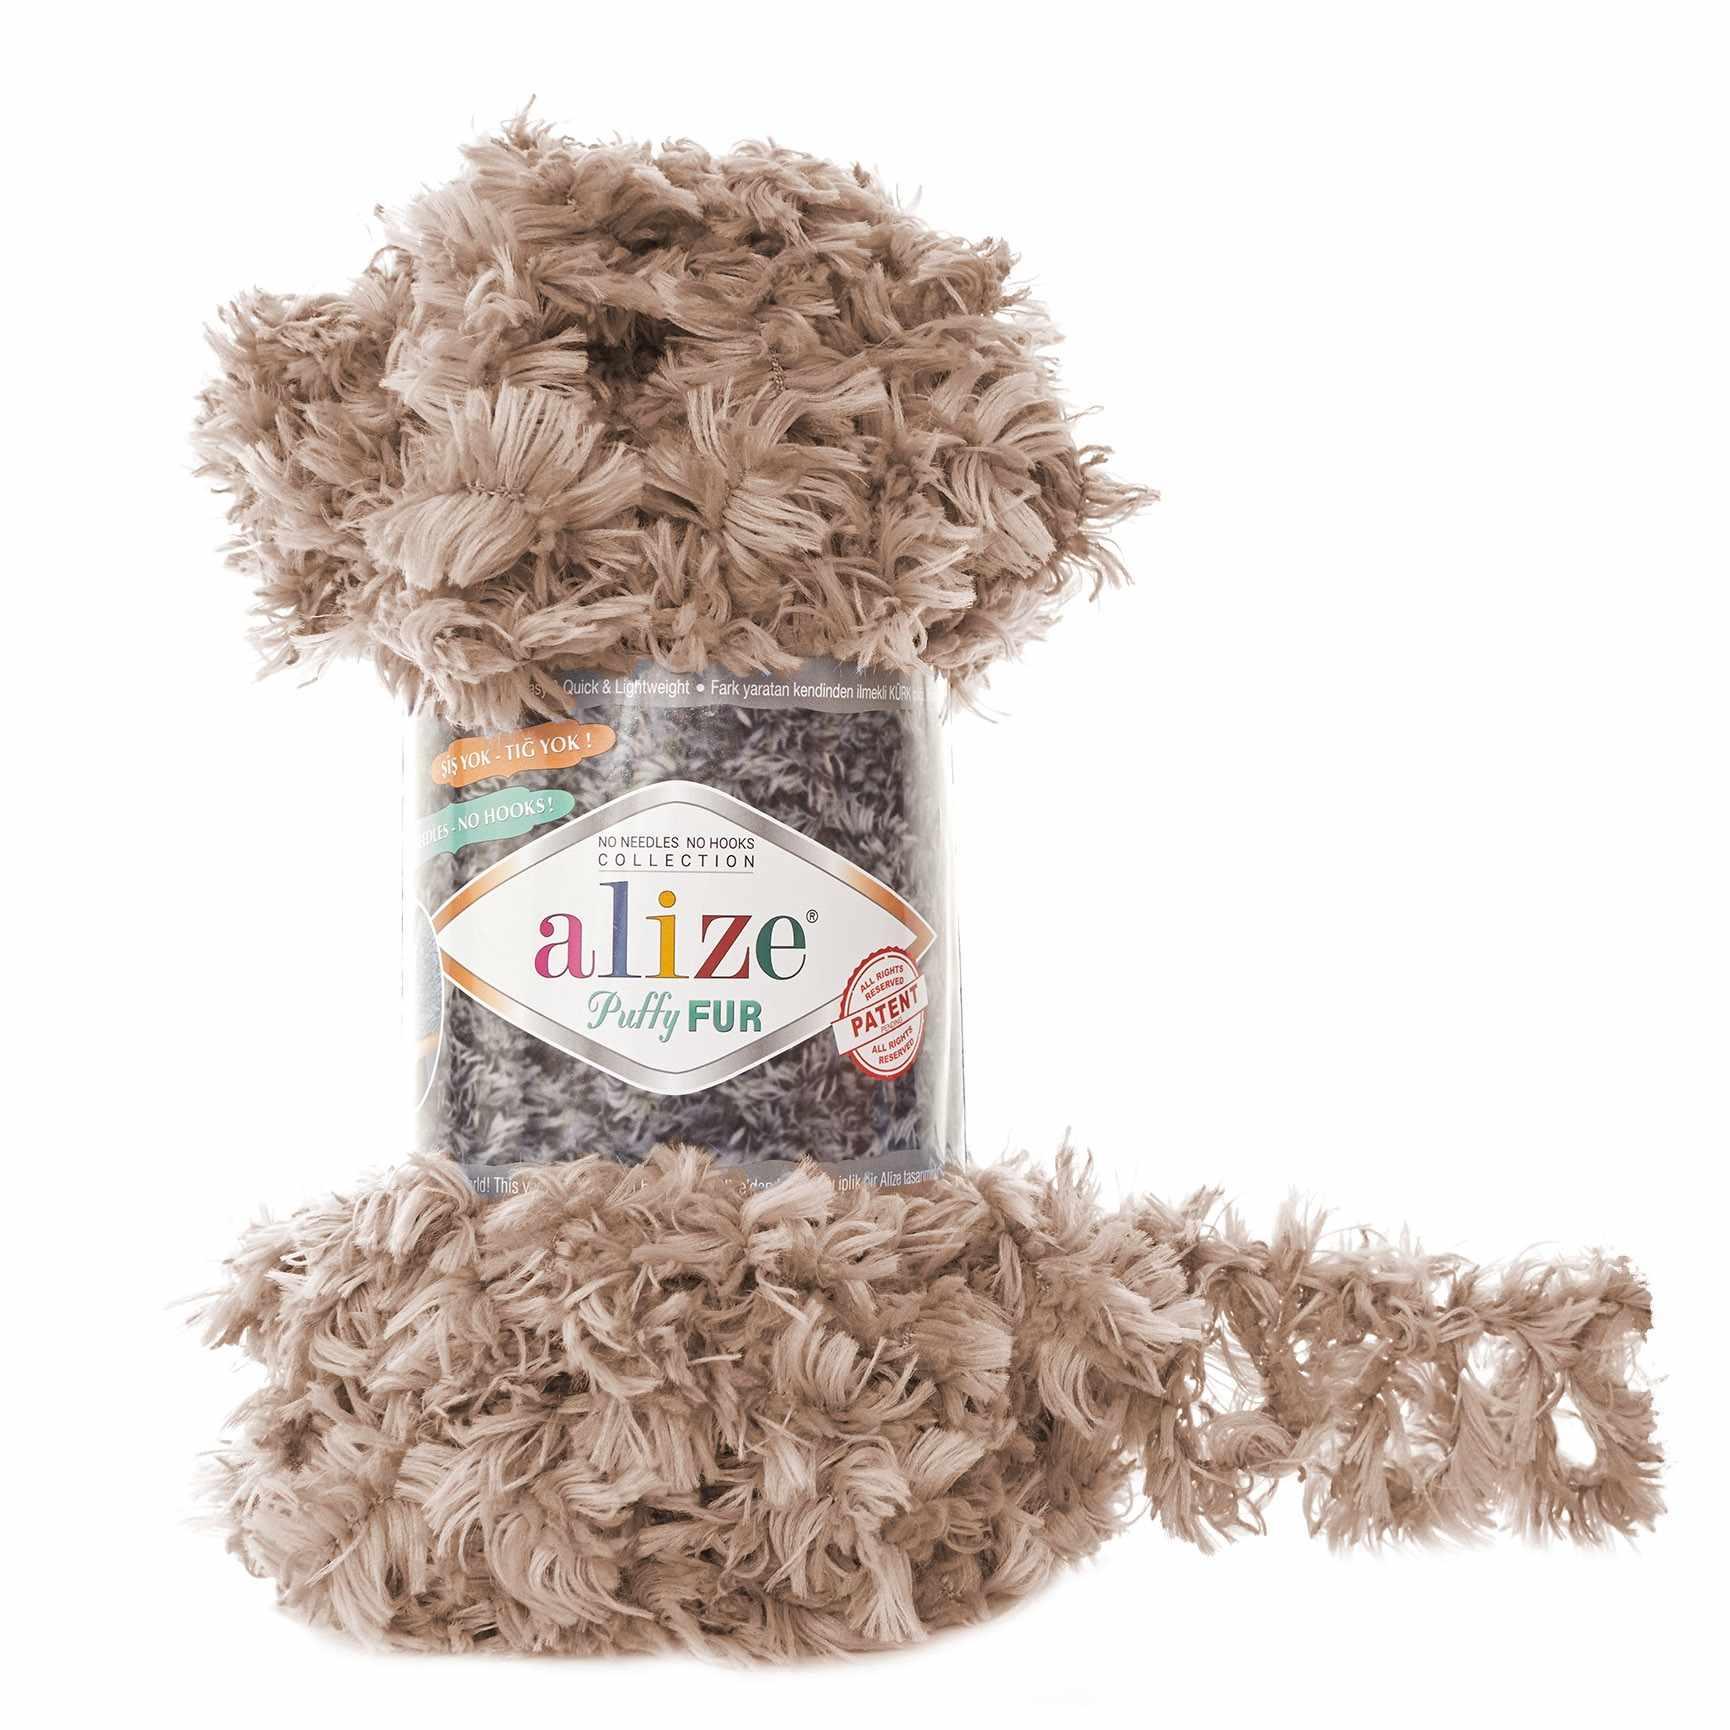 Пряжа Alize Puffy Fur Цвет.6104 Бежевы